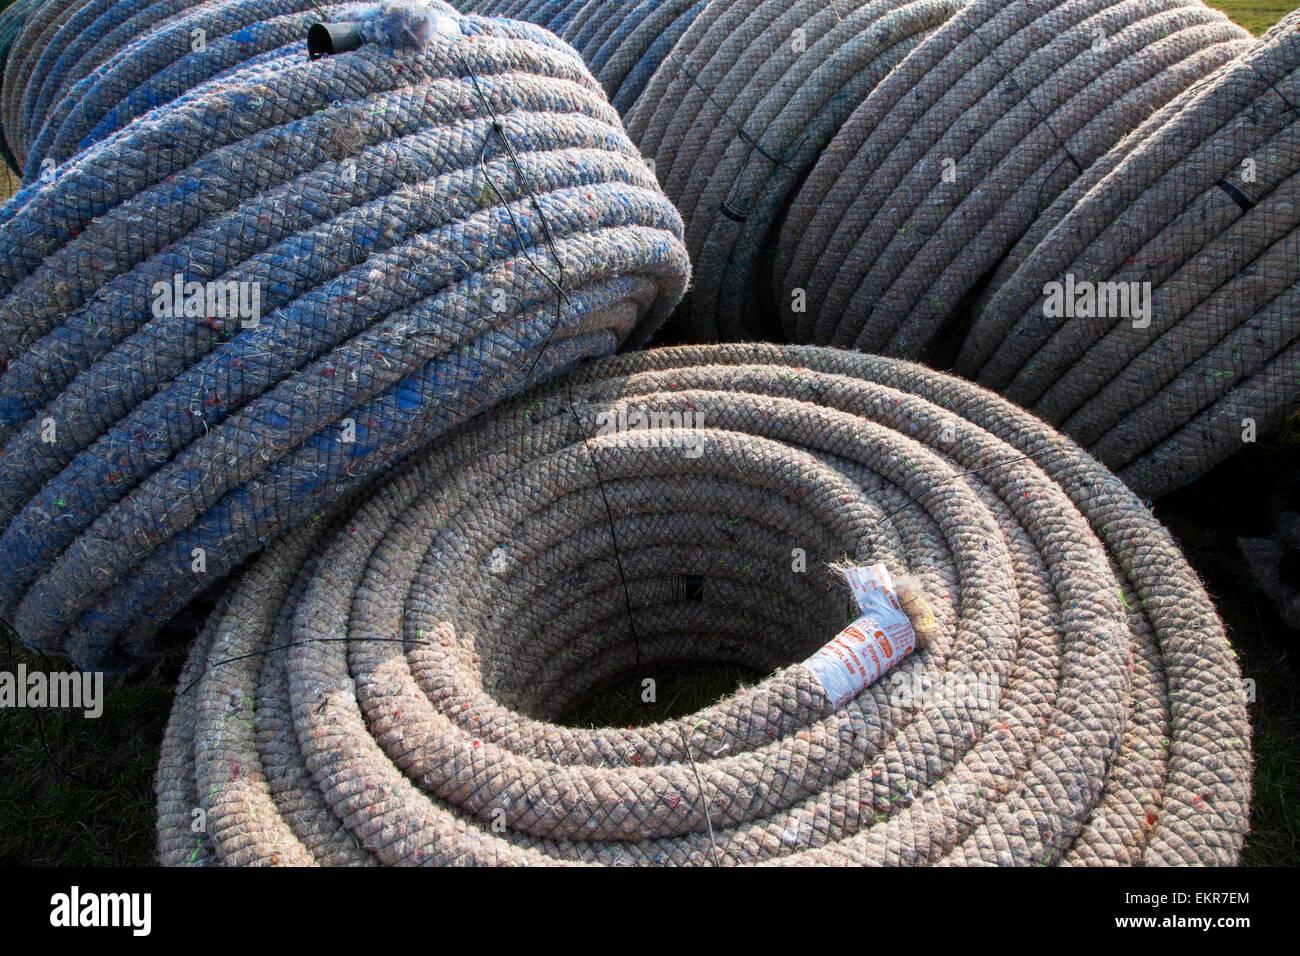 Tubi di drenaggio per il drenaggio scavatrincee / tile aratro Immagini Stock